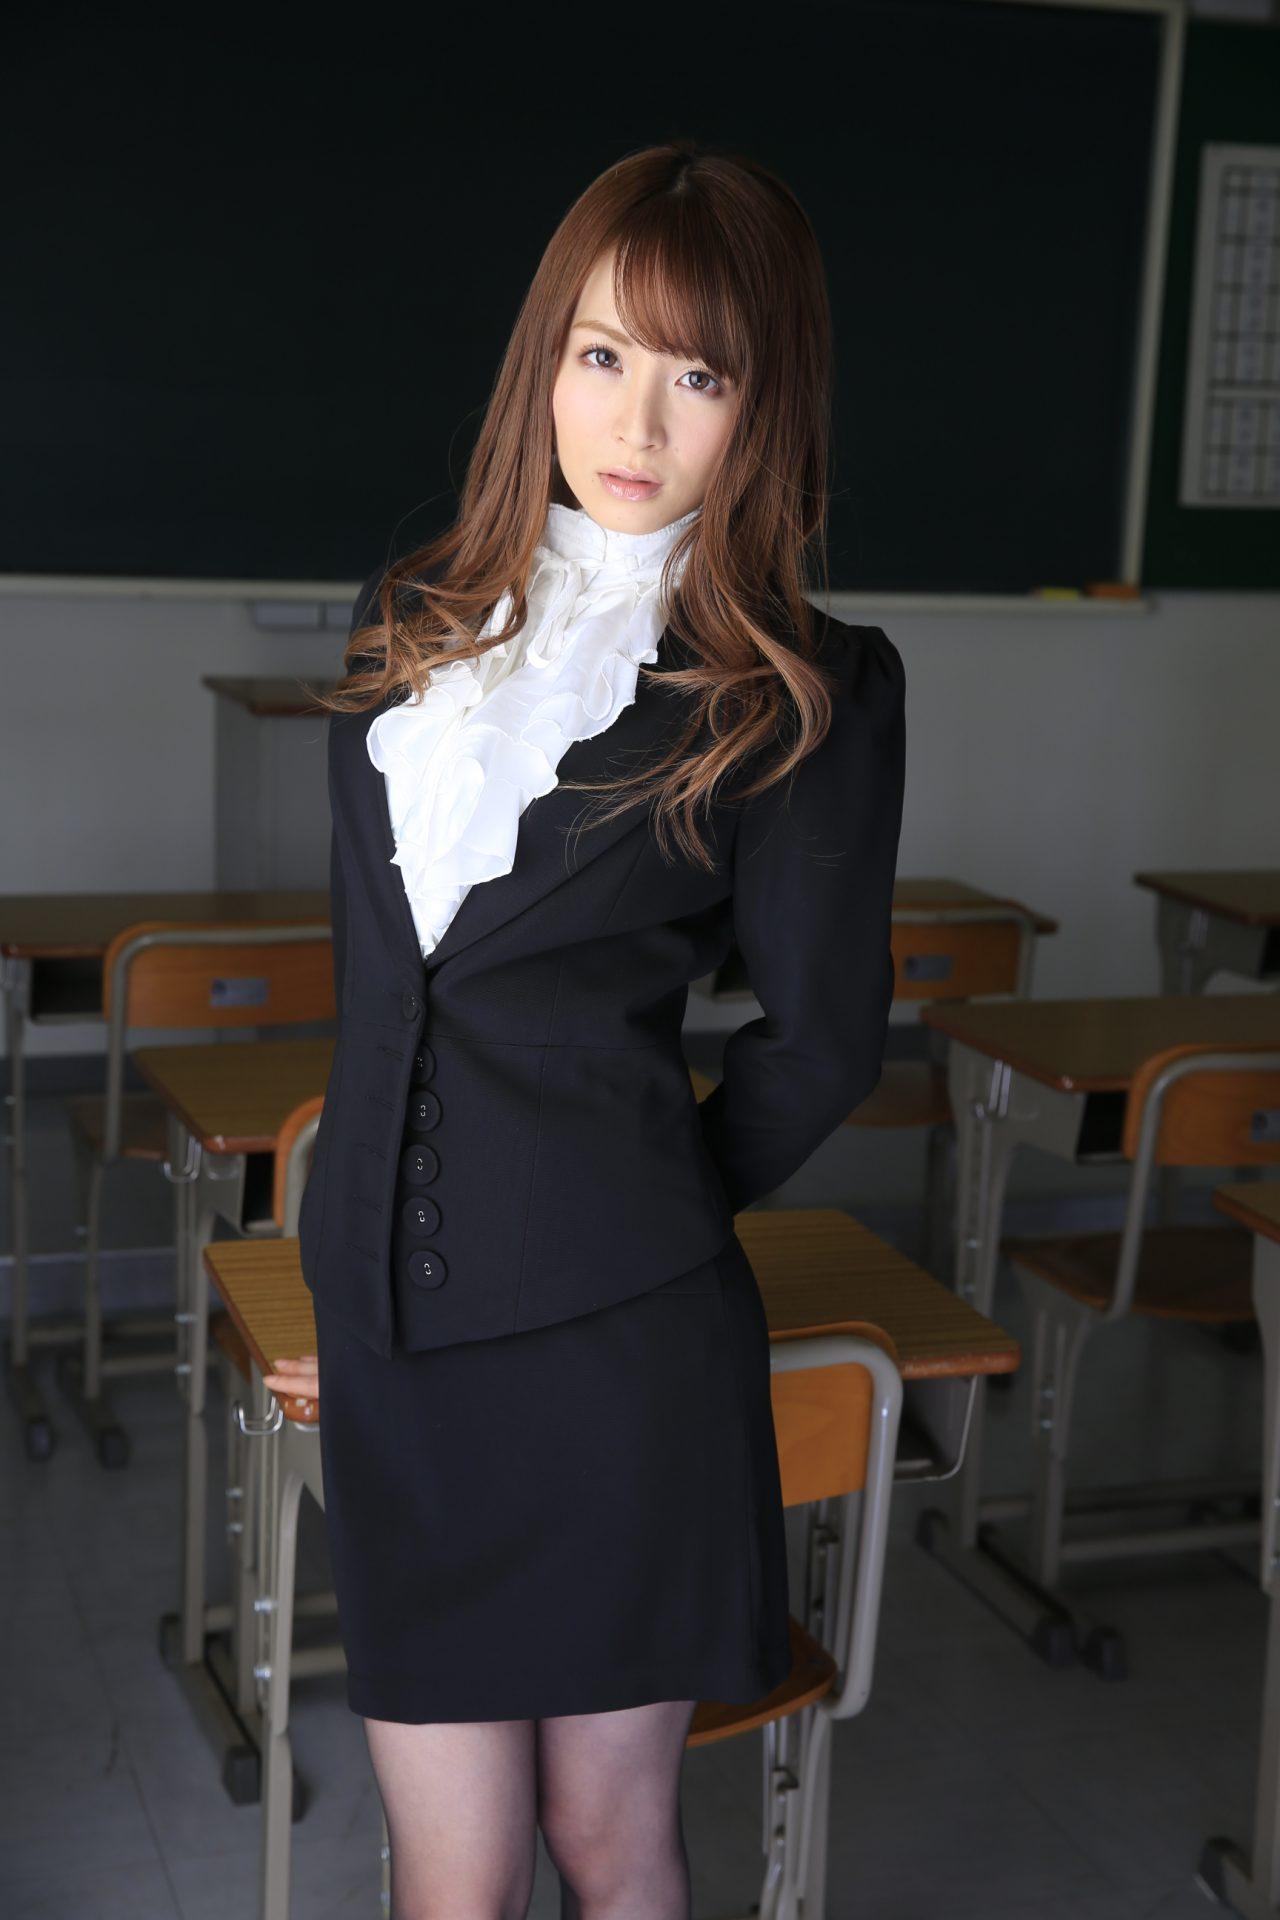 三次元 3次元 エロ画像 女教師 黒パンスト べっぴん娘通信 18